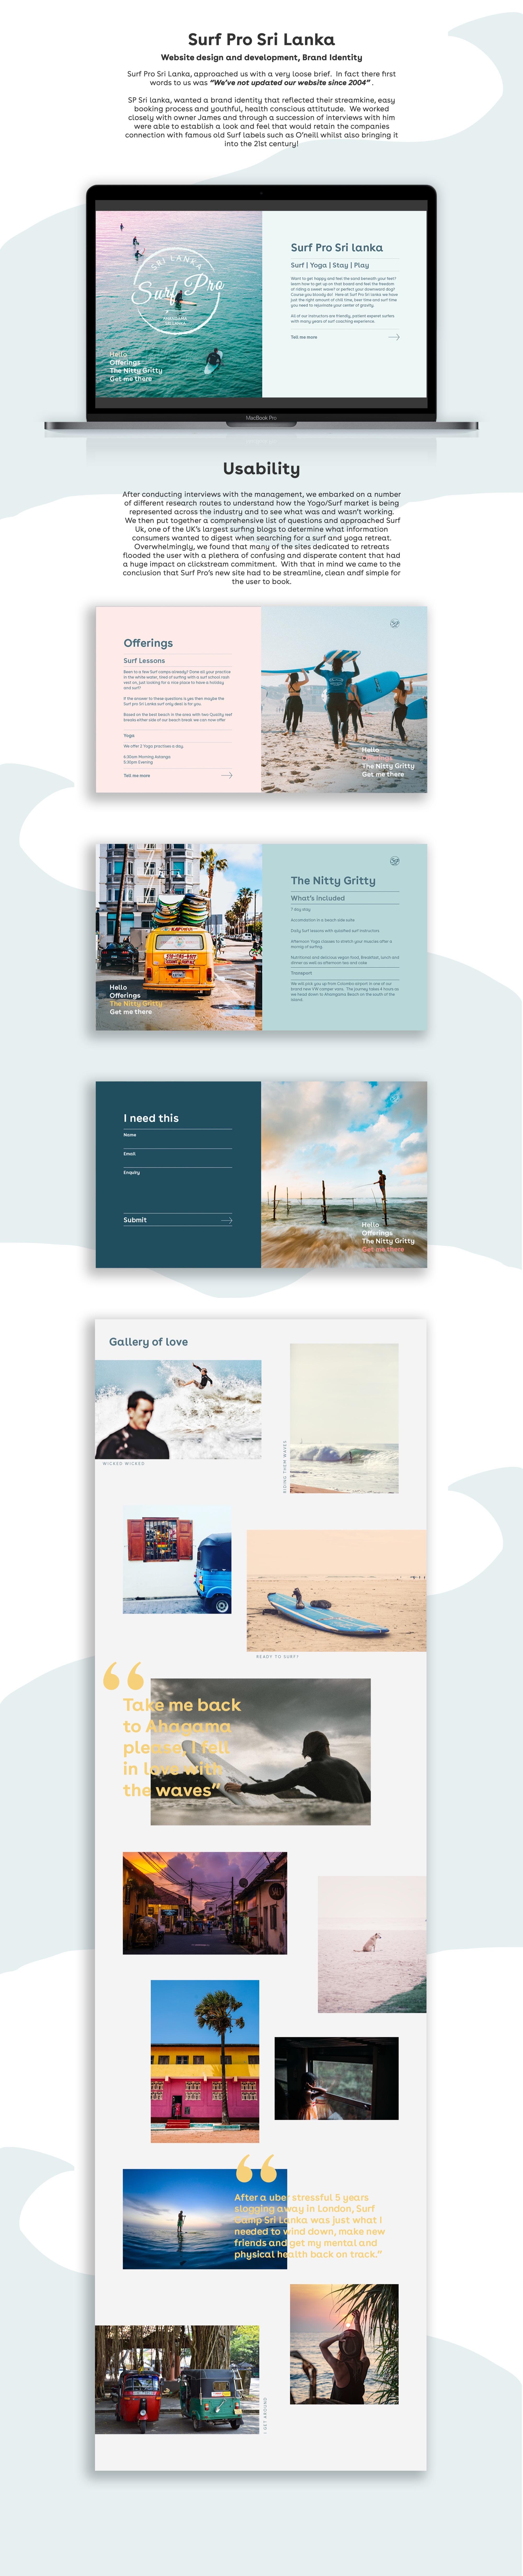 Desktop mockup (1).jpg